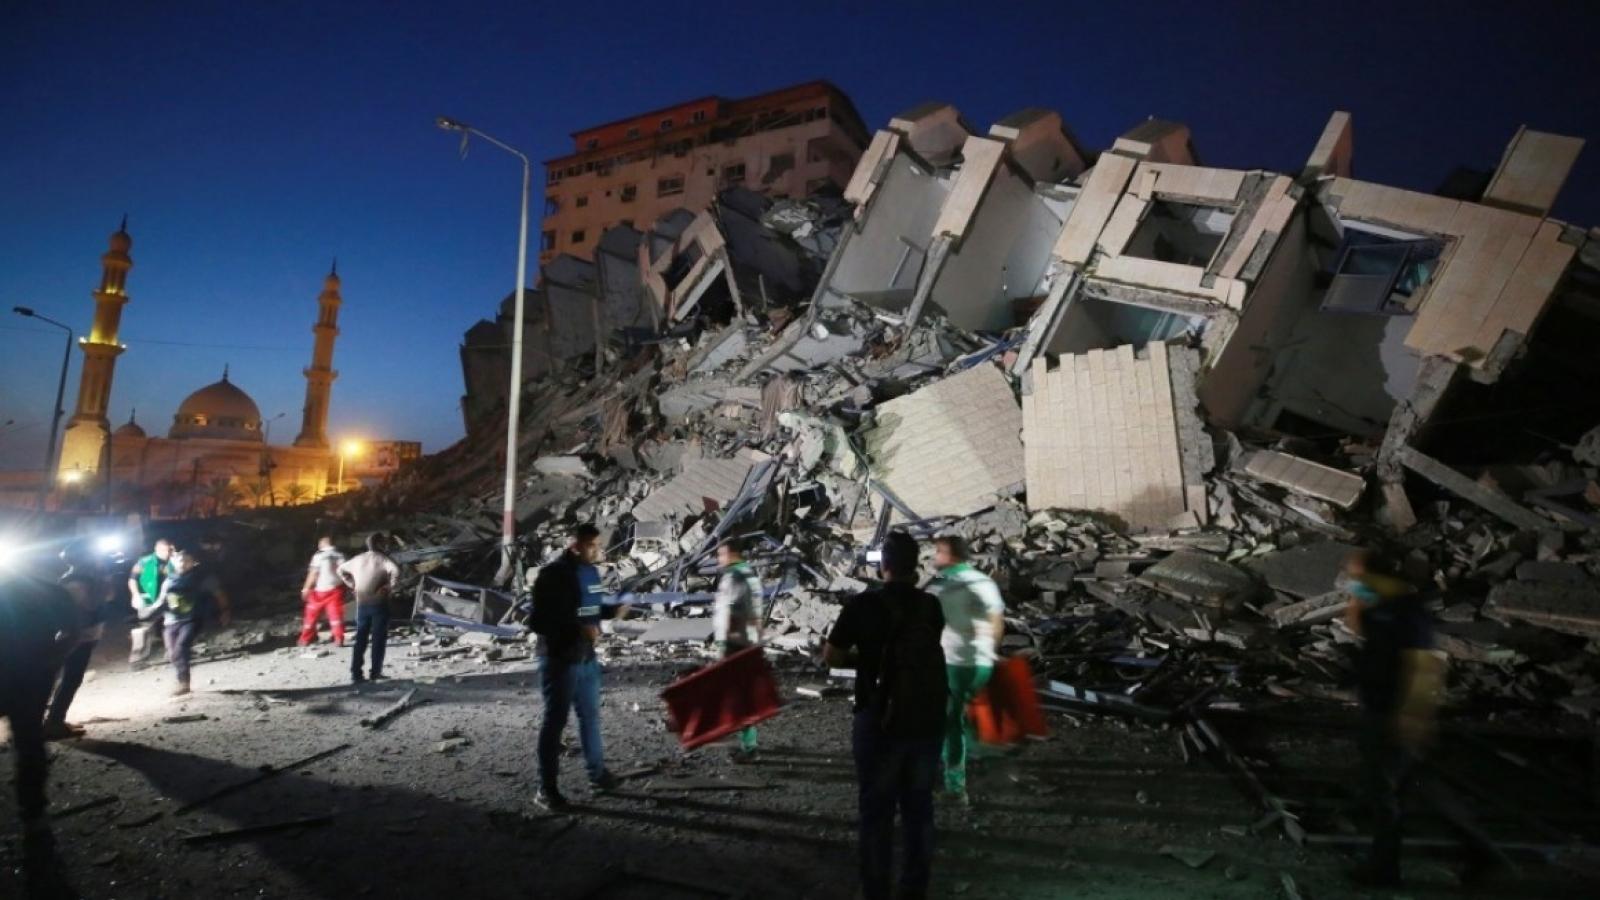 Nỗi niềm tâm sự của người dân Israel và Palestine khi chiến sự bùng phát dữ dội